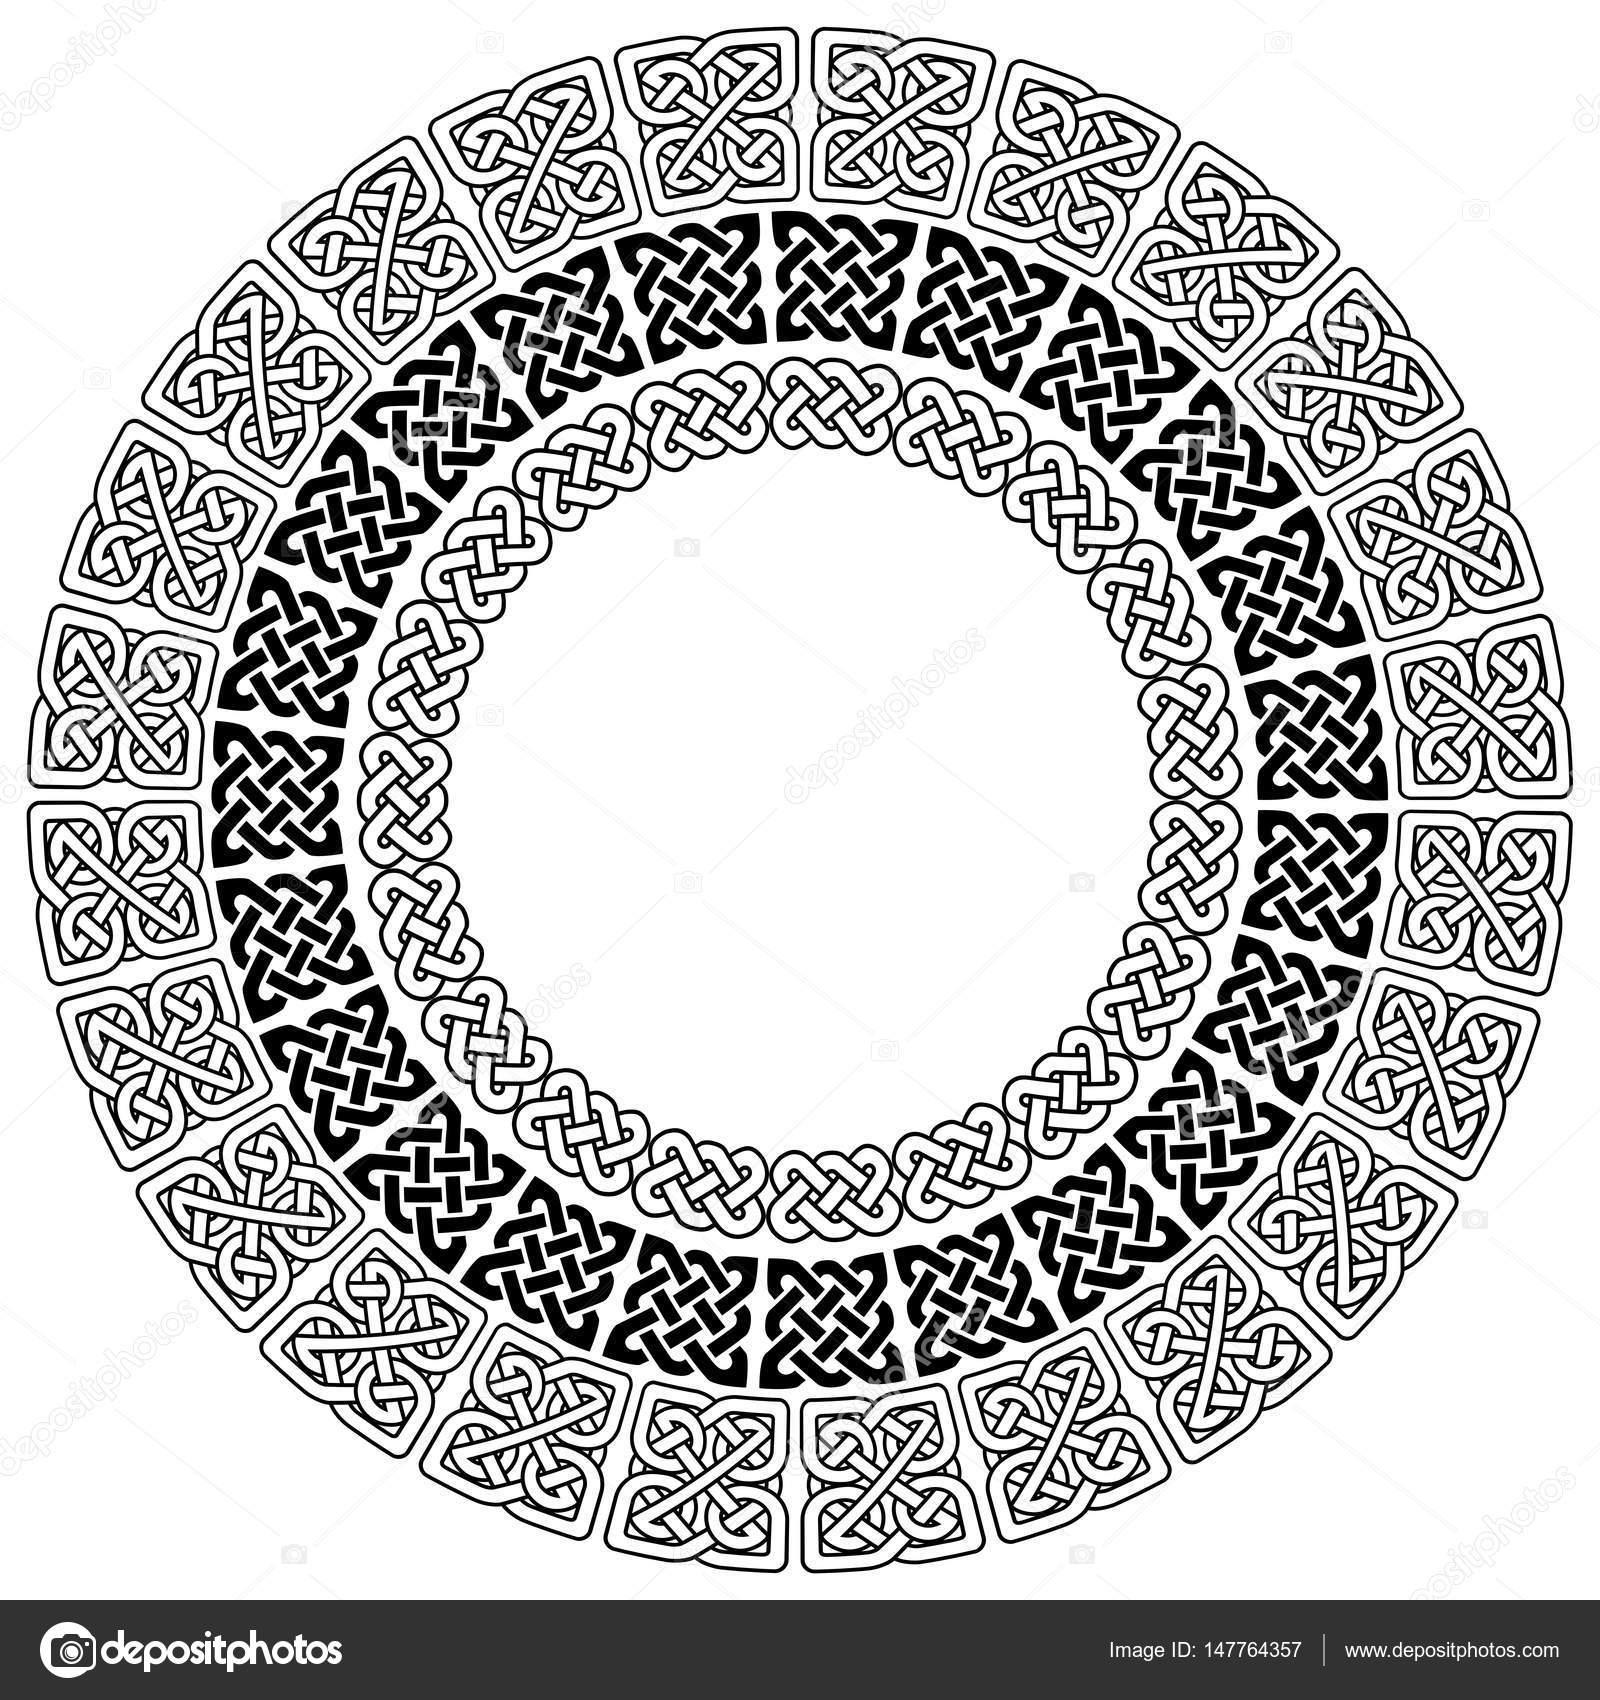 Mandala Style Celtic Style Endless Knot Symbols In White On Black